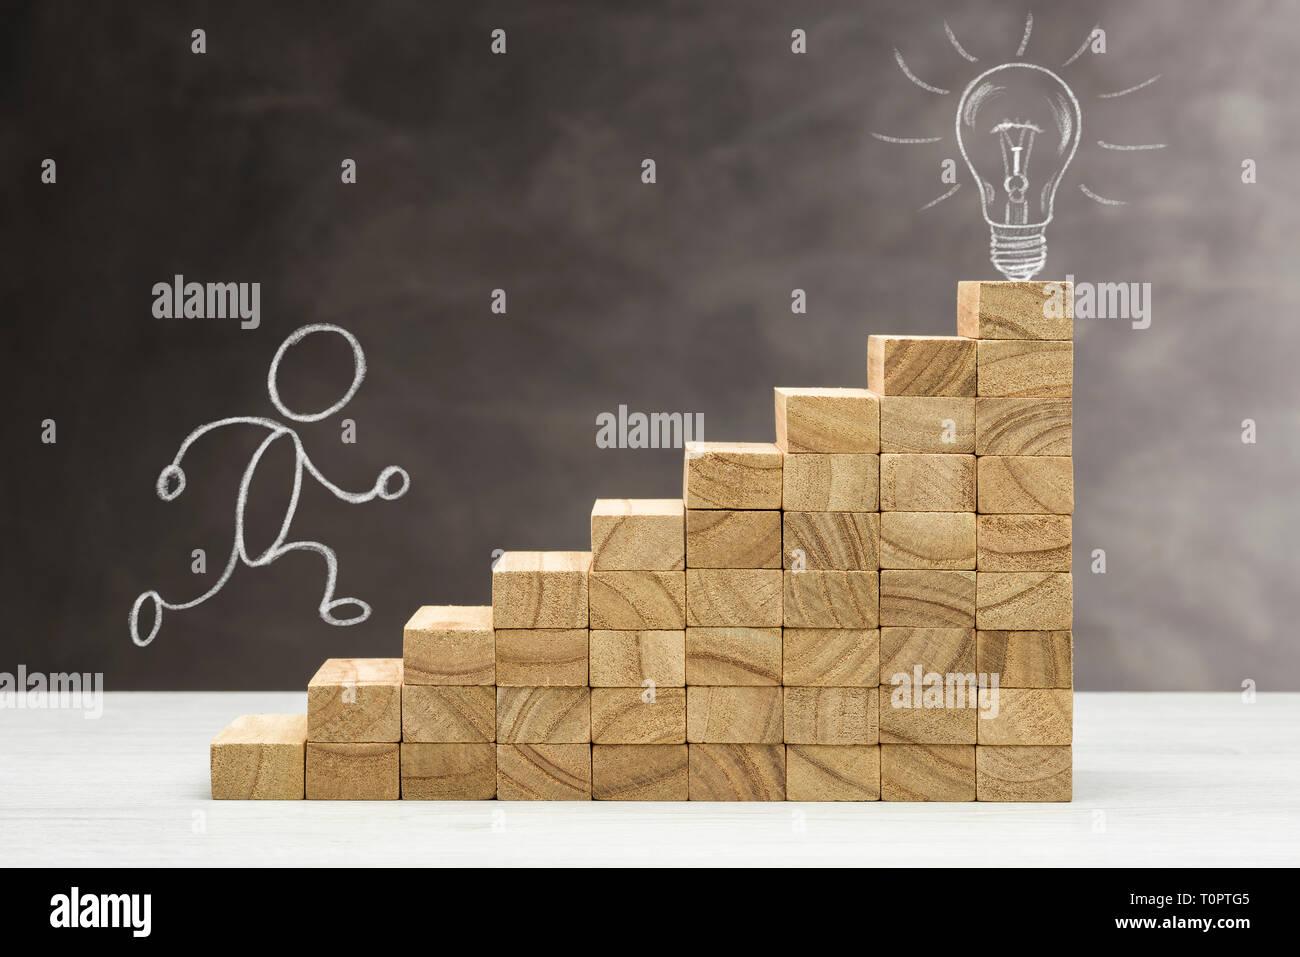 Konzept der Idee und Innovation, Glühbirne leuchtet oben auf einer Treppe, mit der menschlichen Form. Stockfoto